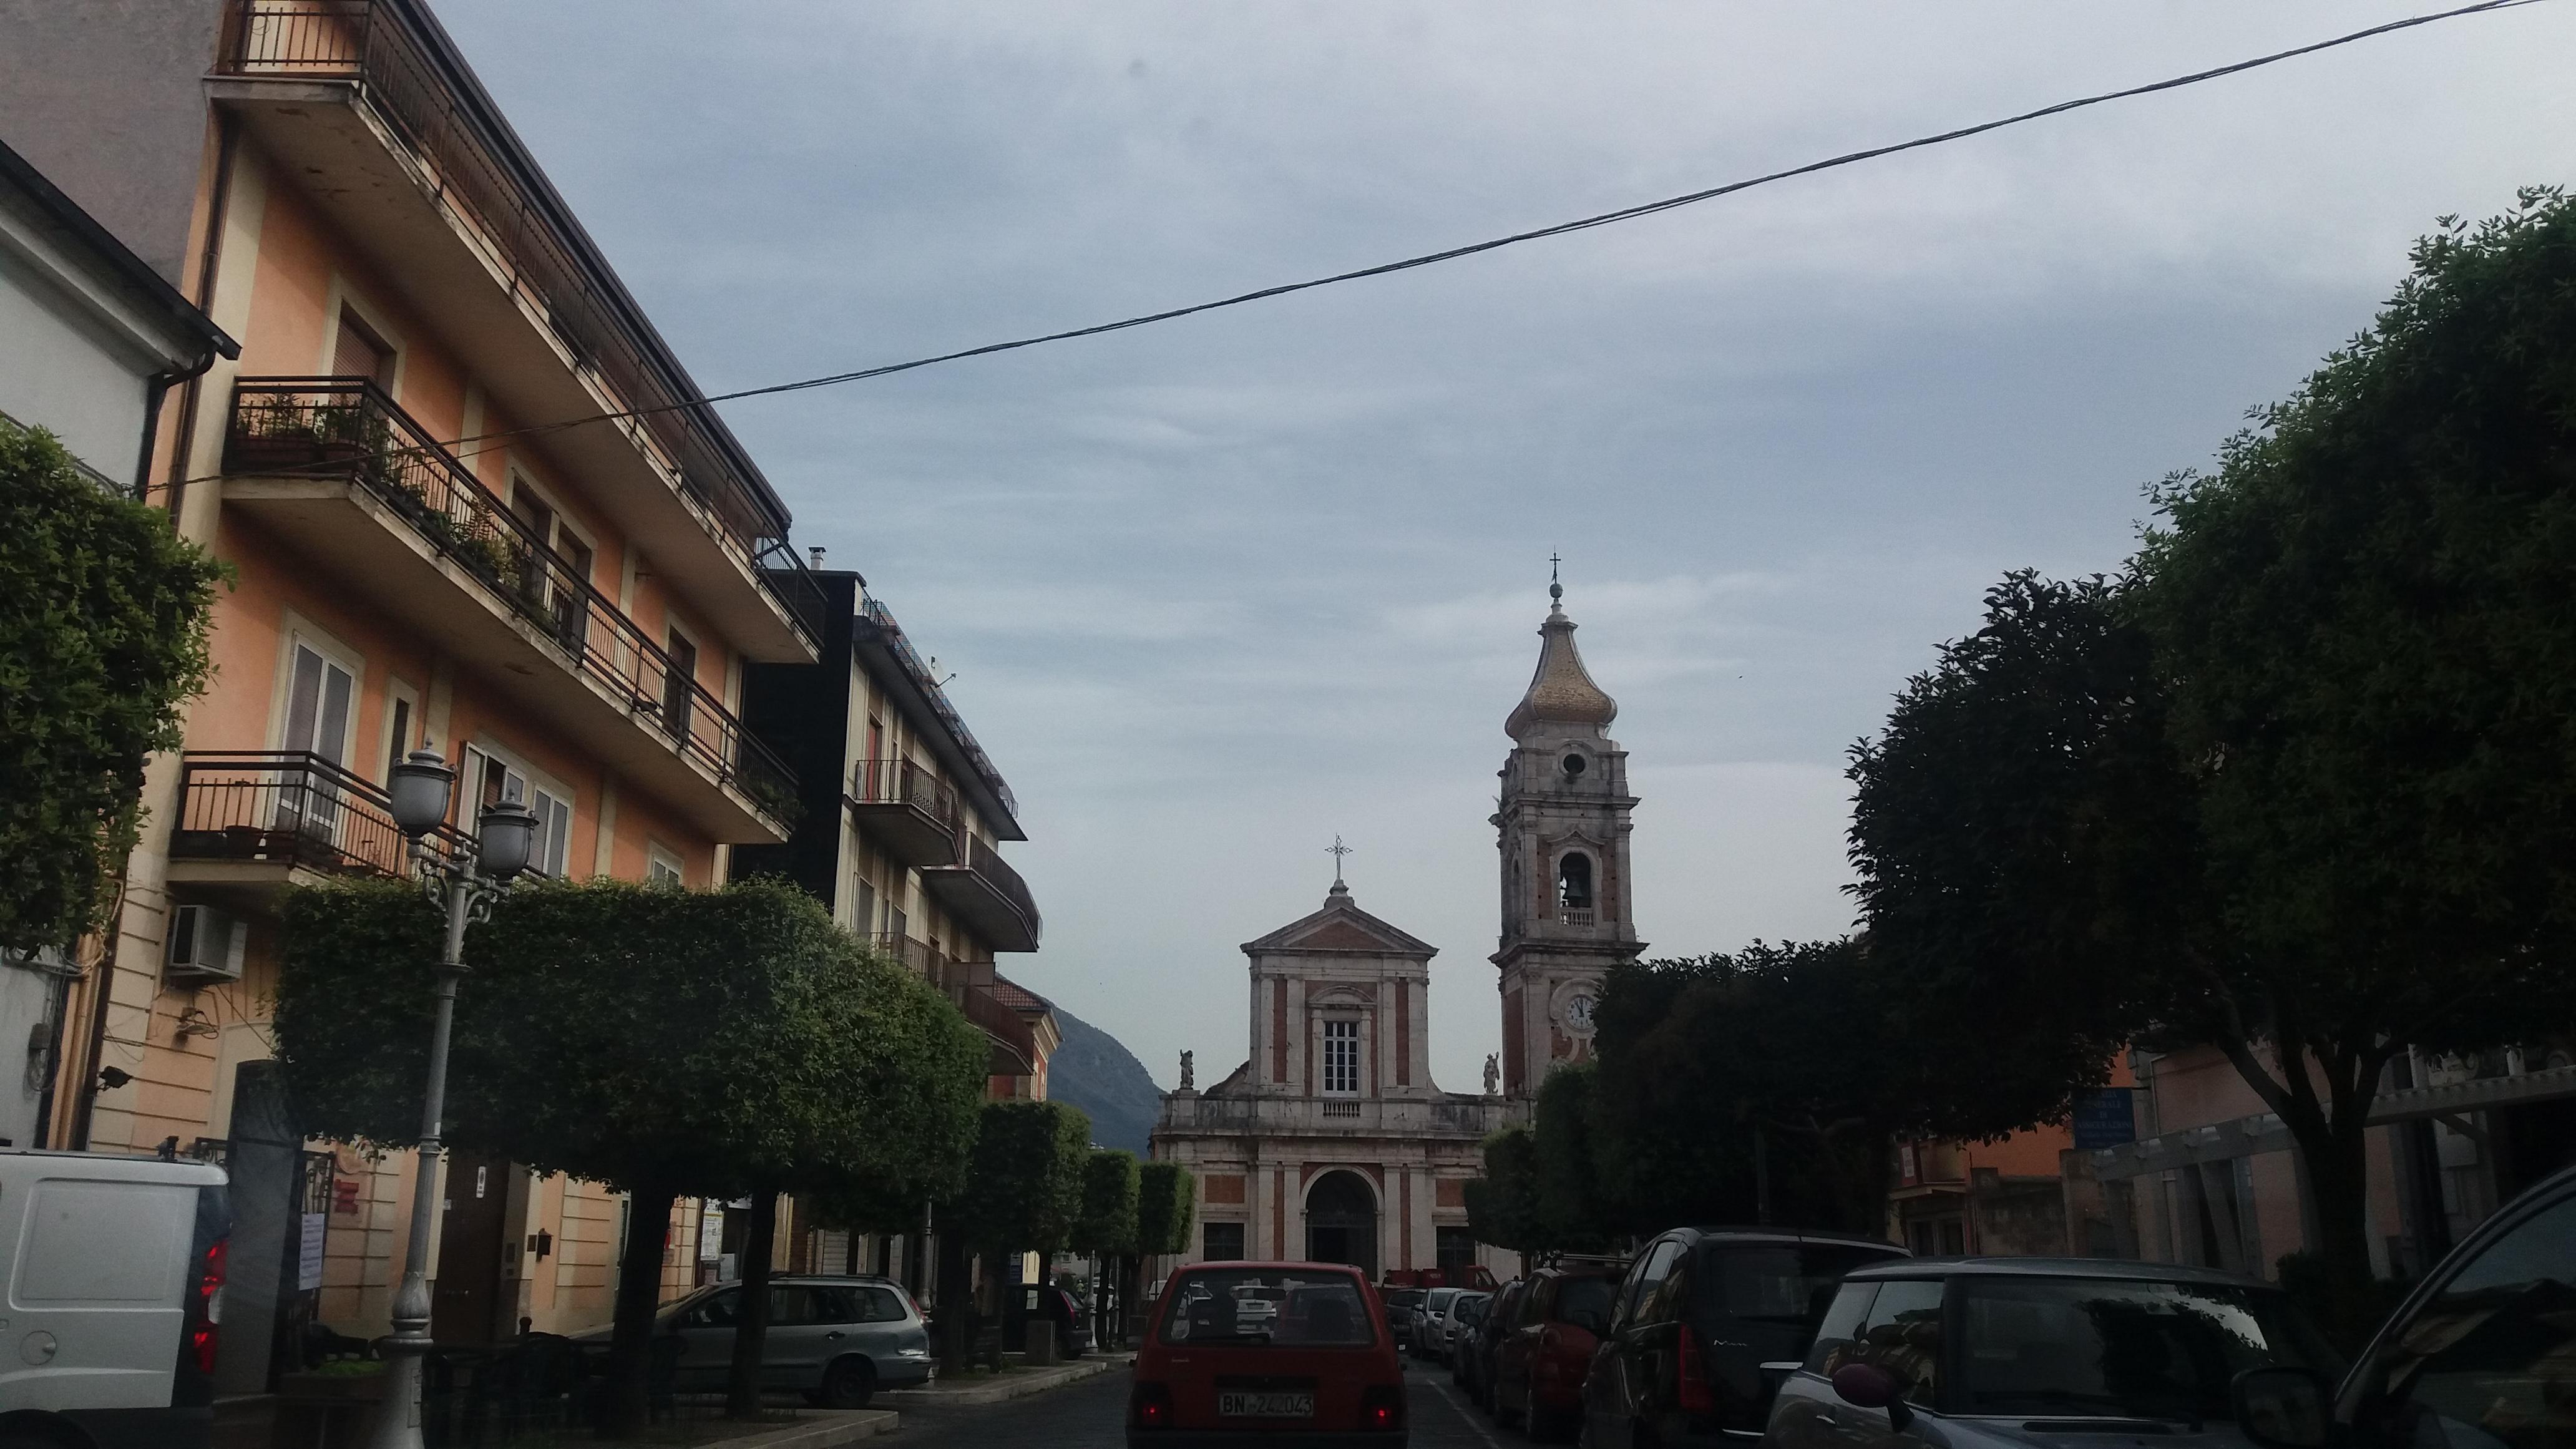 Benevento| Costruire competenze per la competitività, in provincia di Benevento un progetto formativo interaziendale